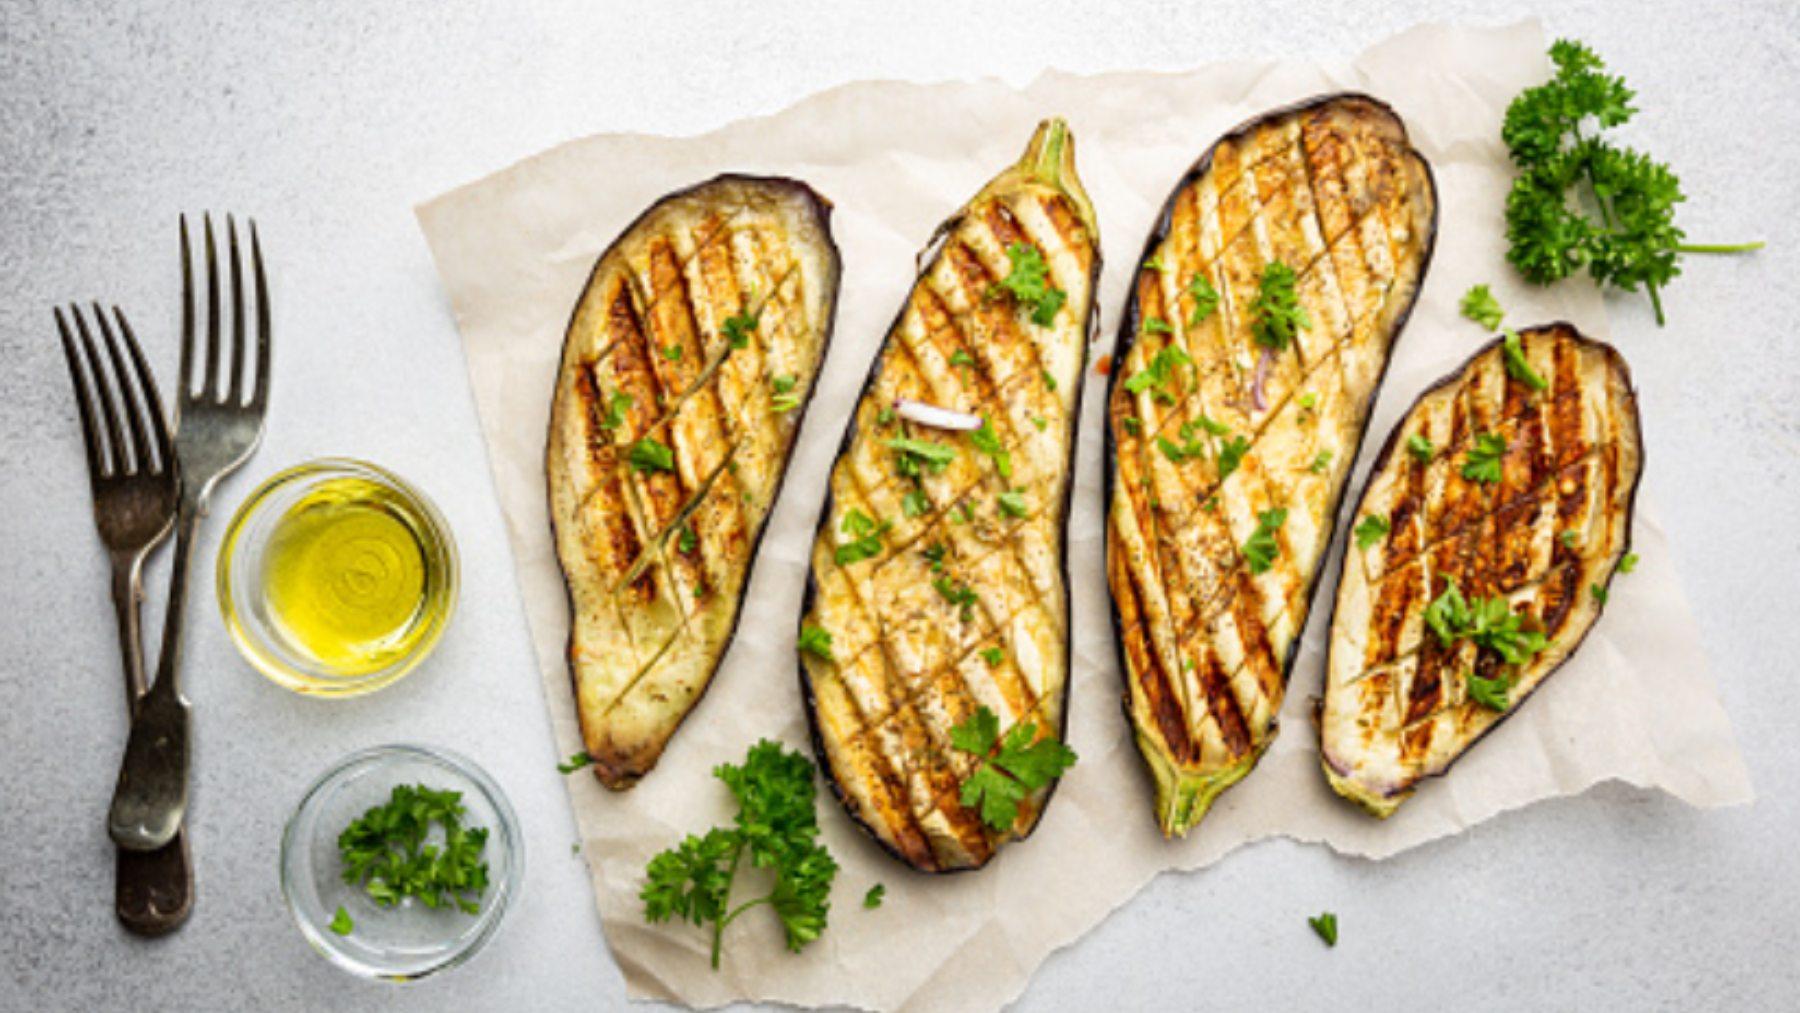 Berenjenas al horno, receta fácil, deliciosa y saludable